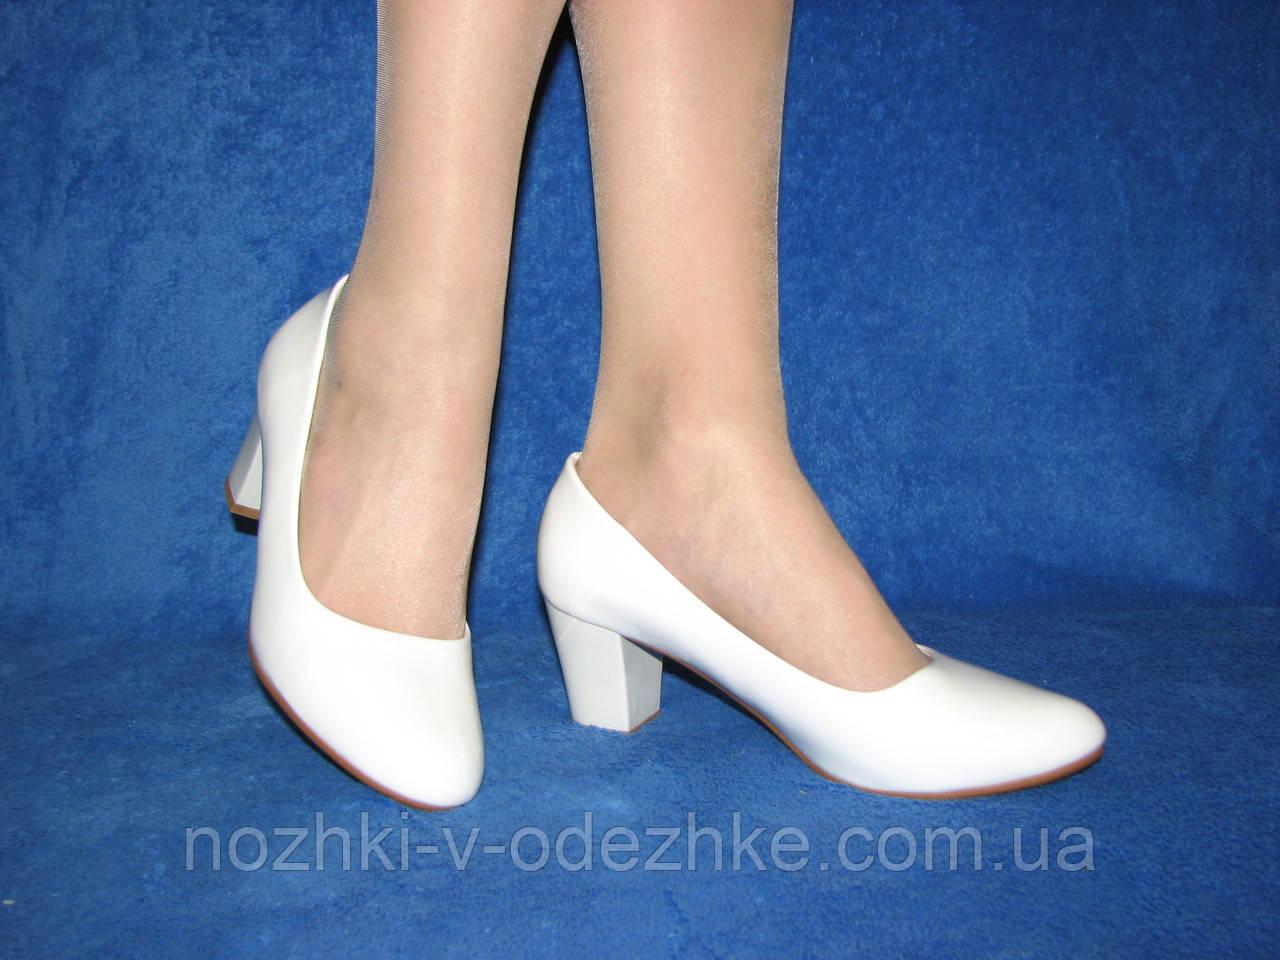 https://images.ua.prom.st/1134079754_lakovye-zhenskie-tufli.jpg